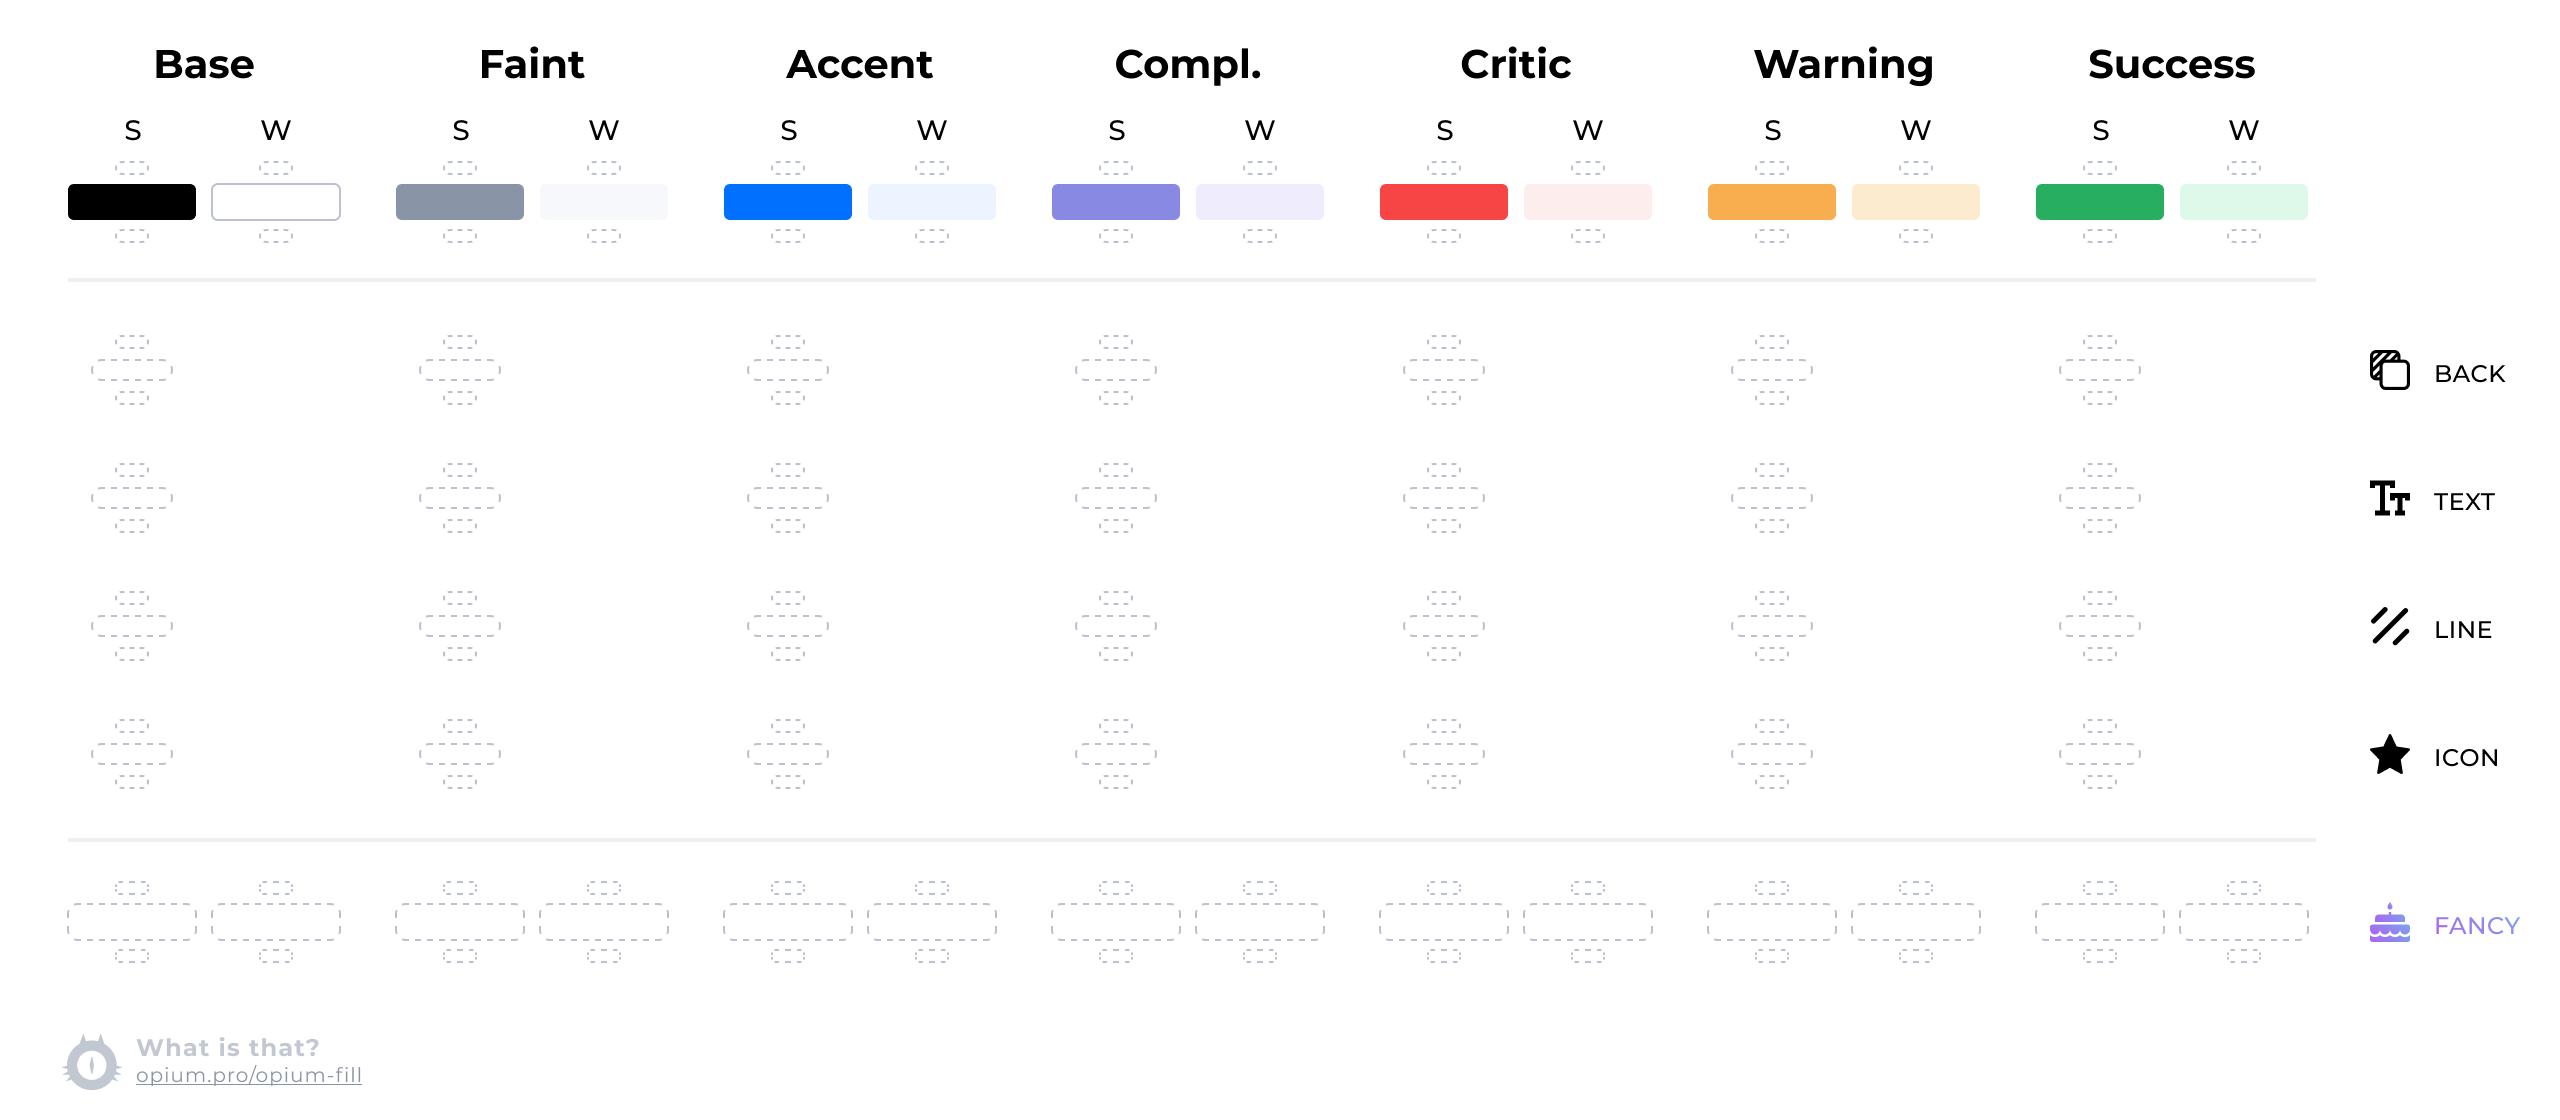 Таблица, но теперь у каждого цвета вверху и внизу дополнительные ячейки